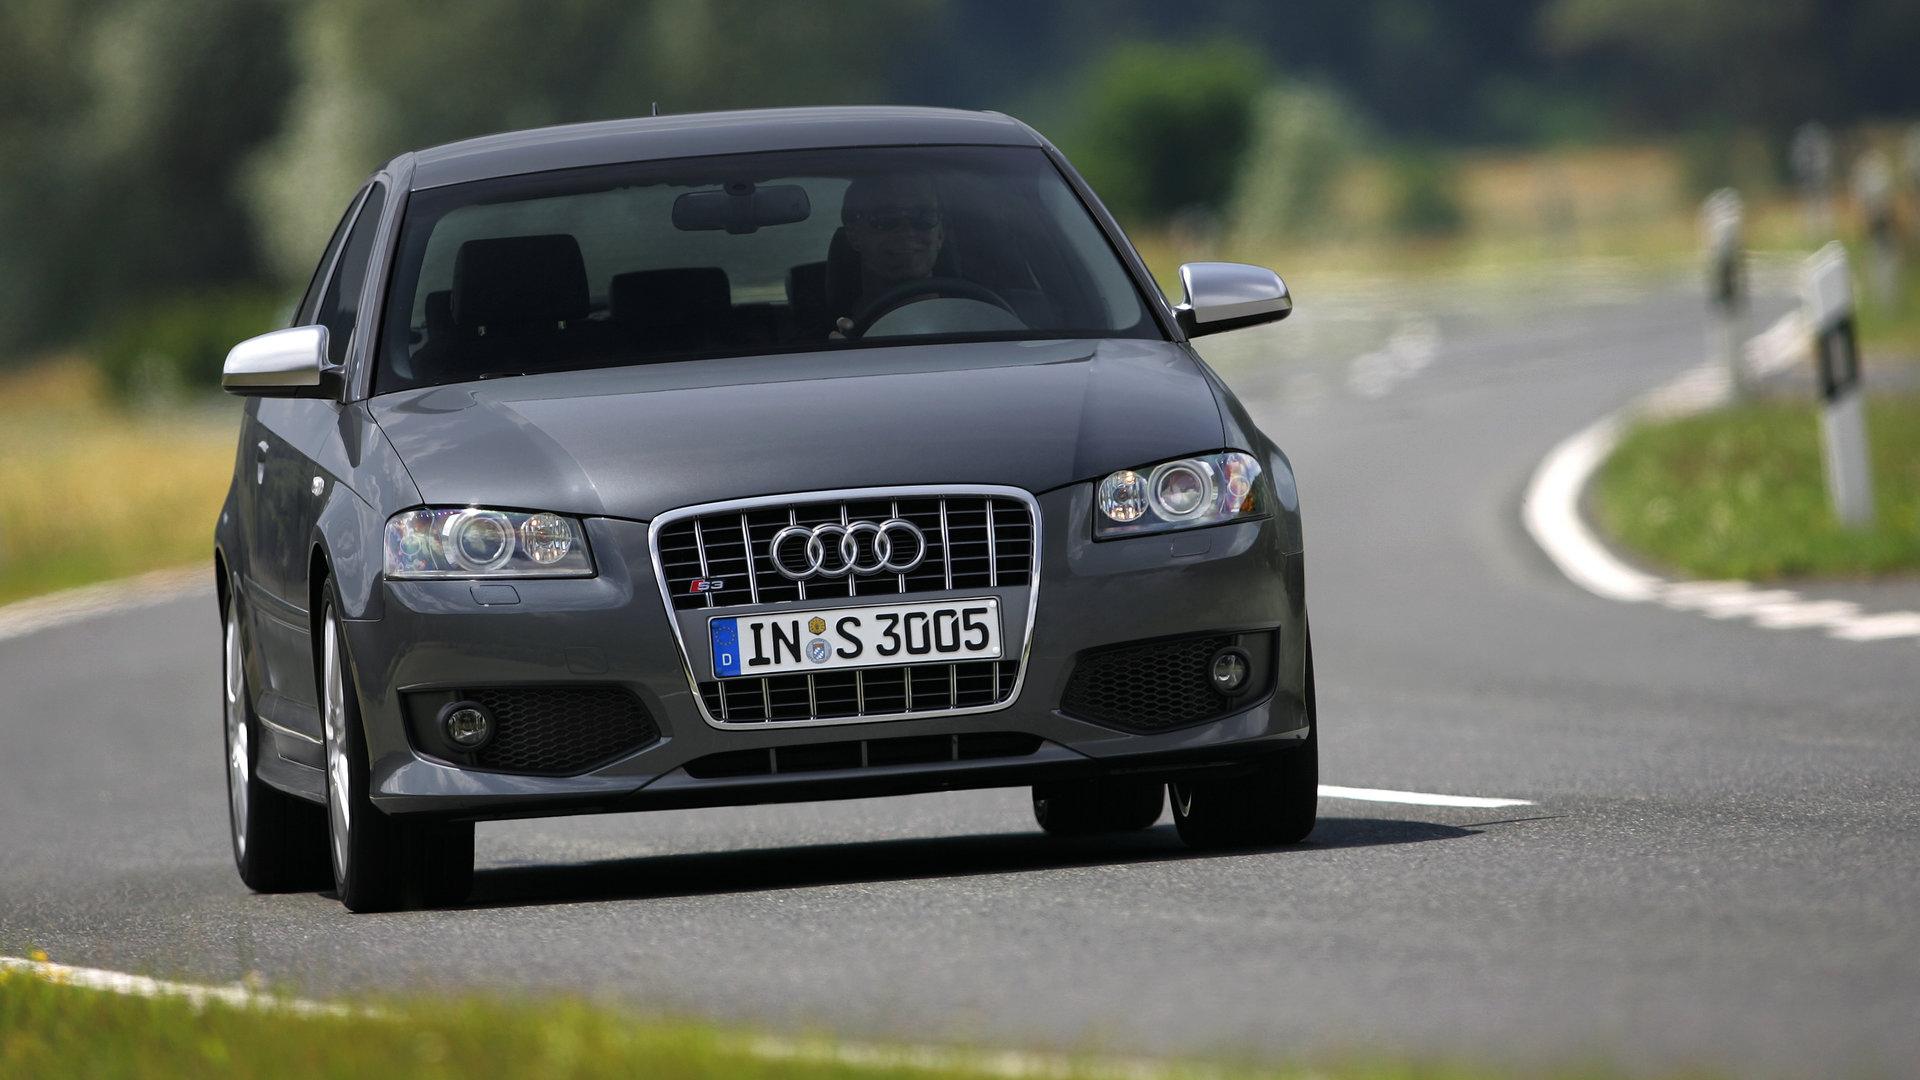 Coche del día: Audi S3 2.0 (8P)